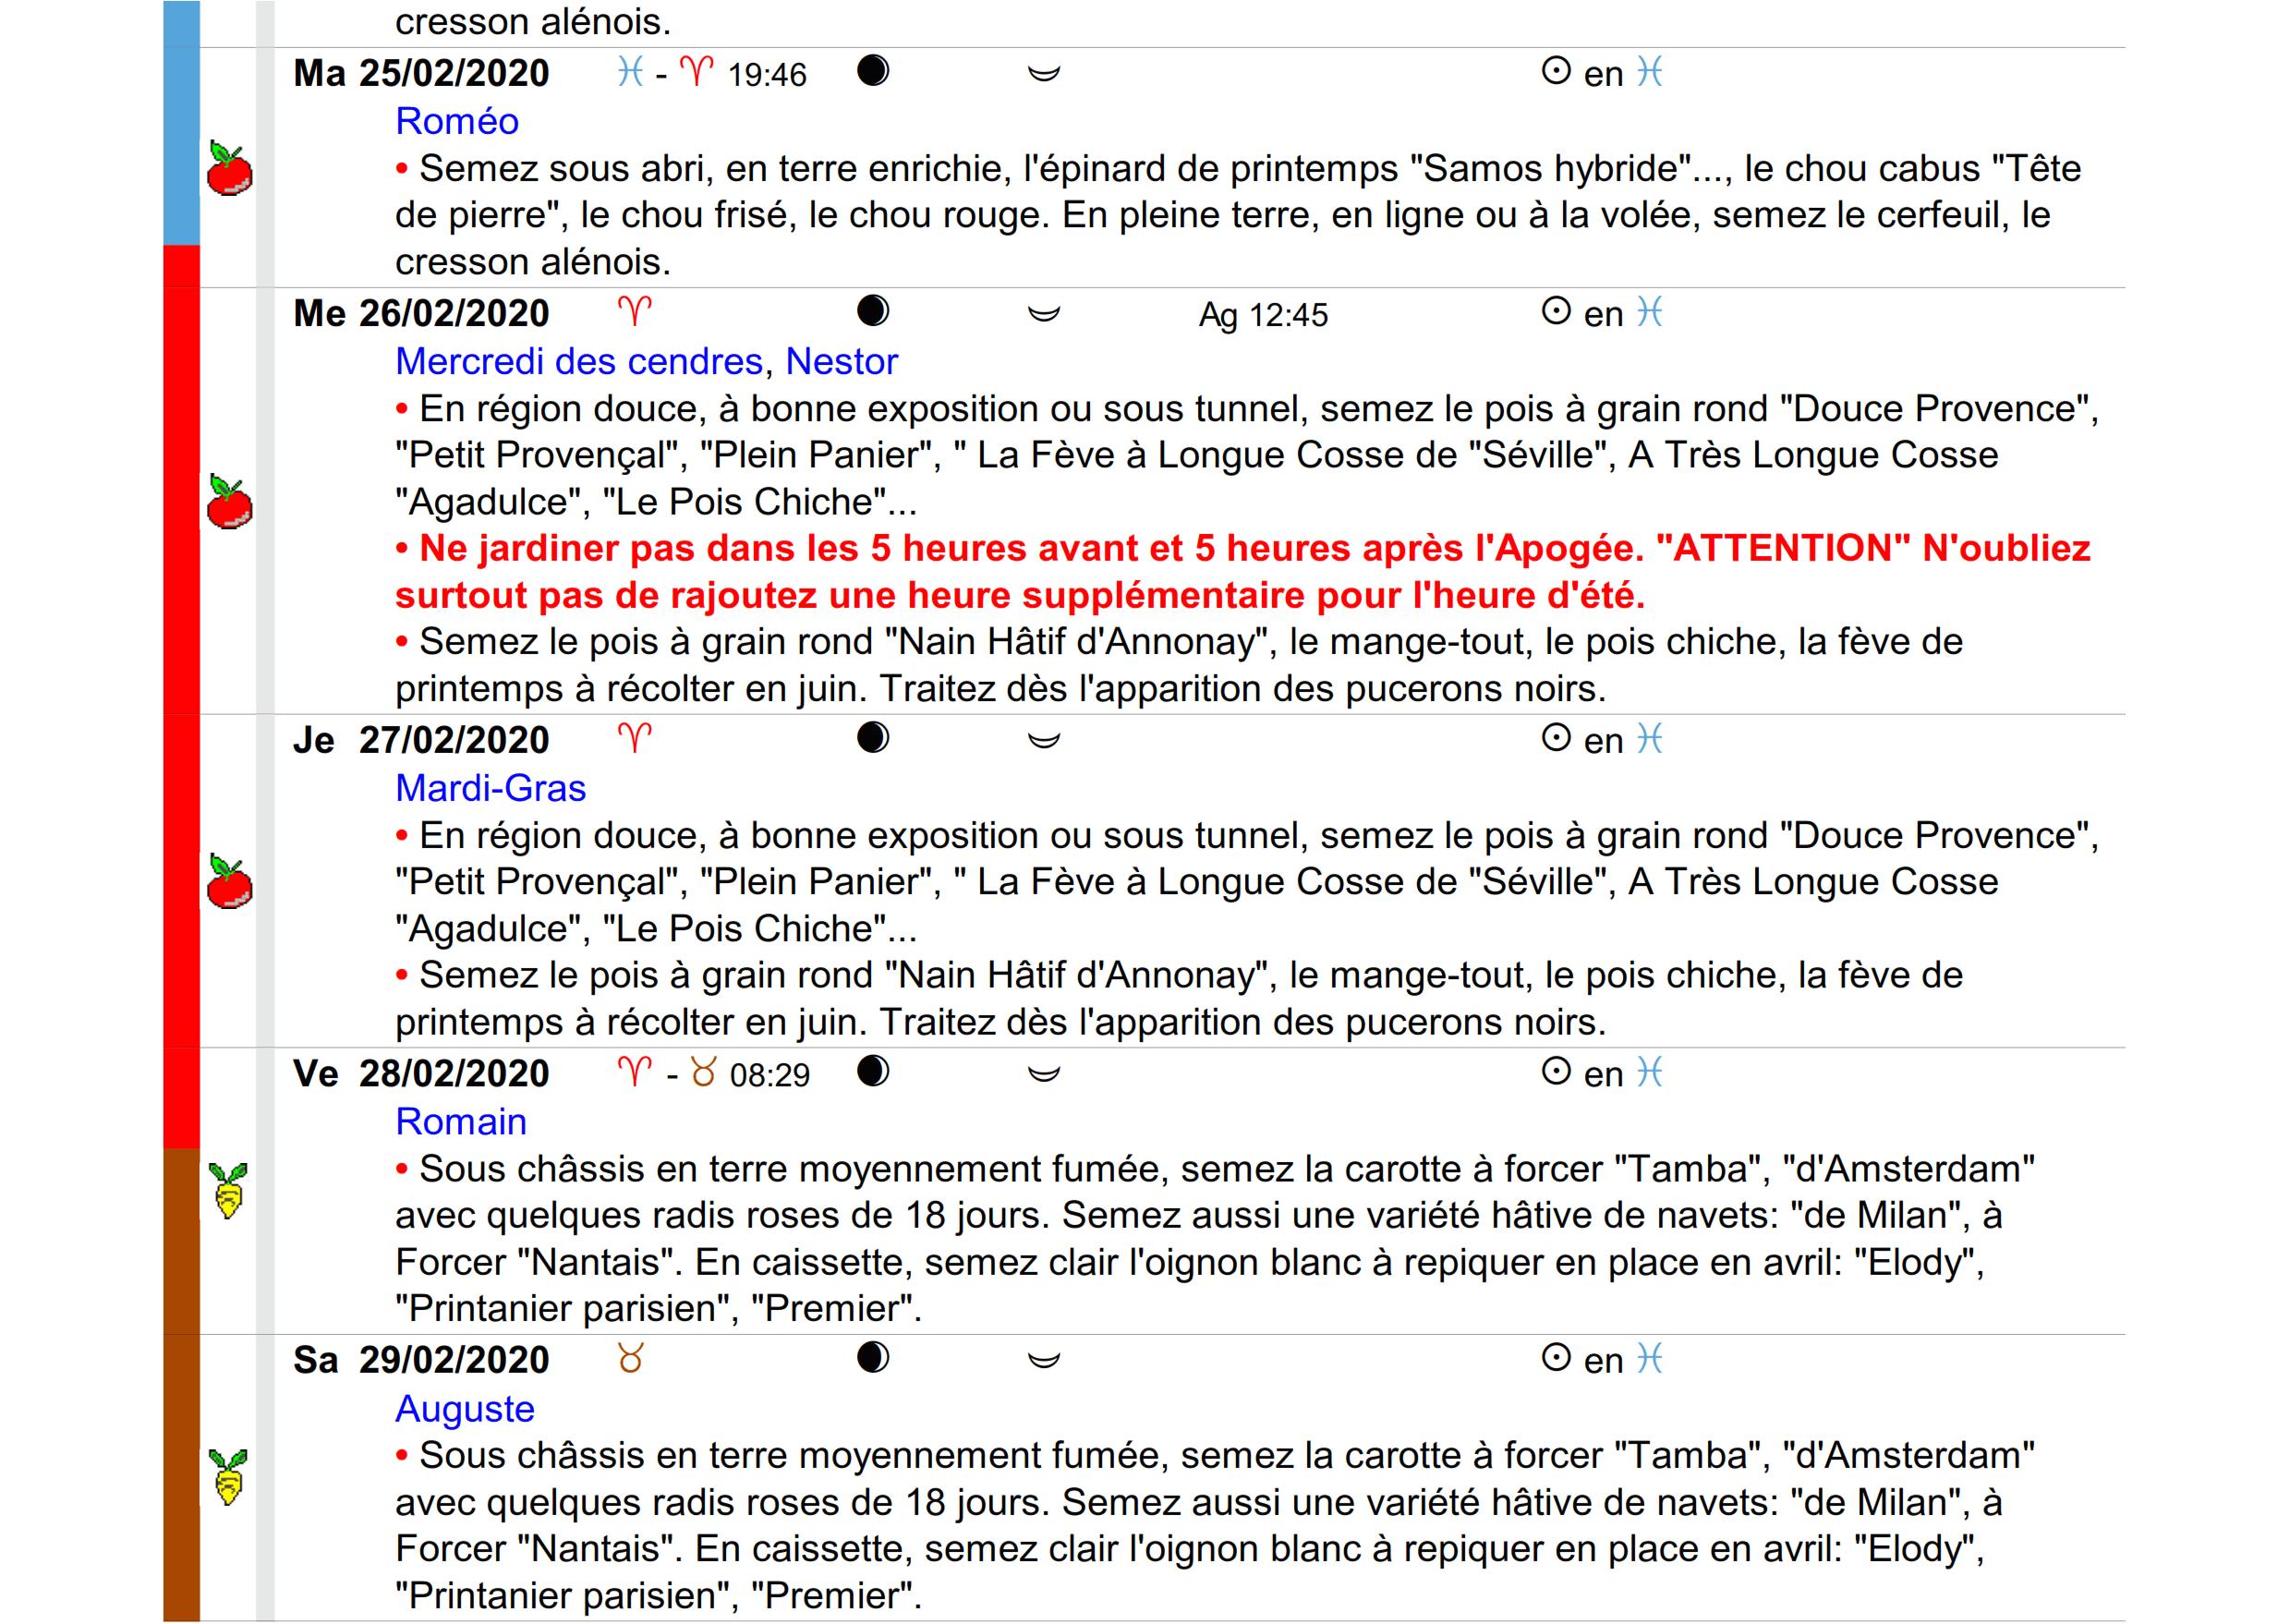 Calendrier lunaire de jardinage février 2020